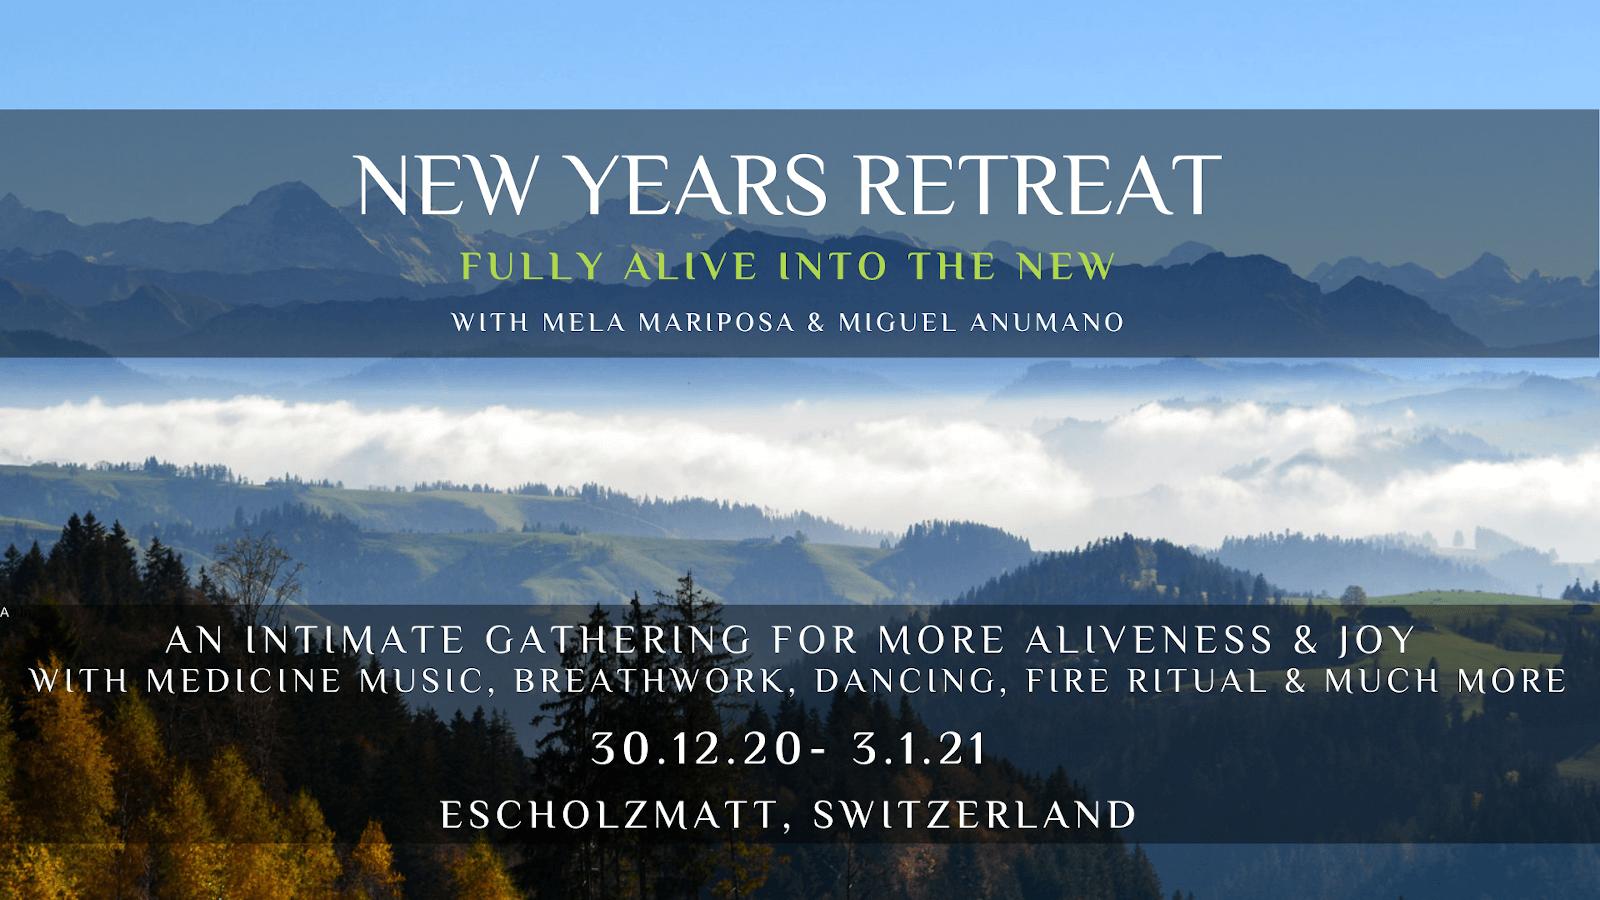 New-Years-Retreat-2019_205